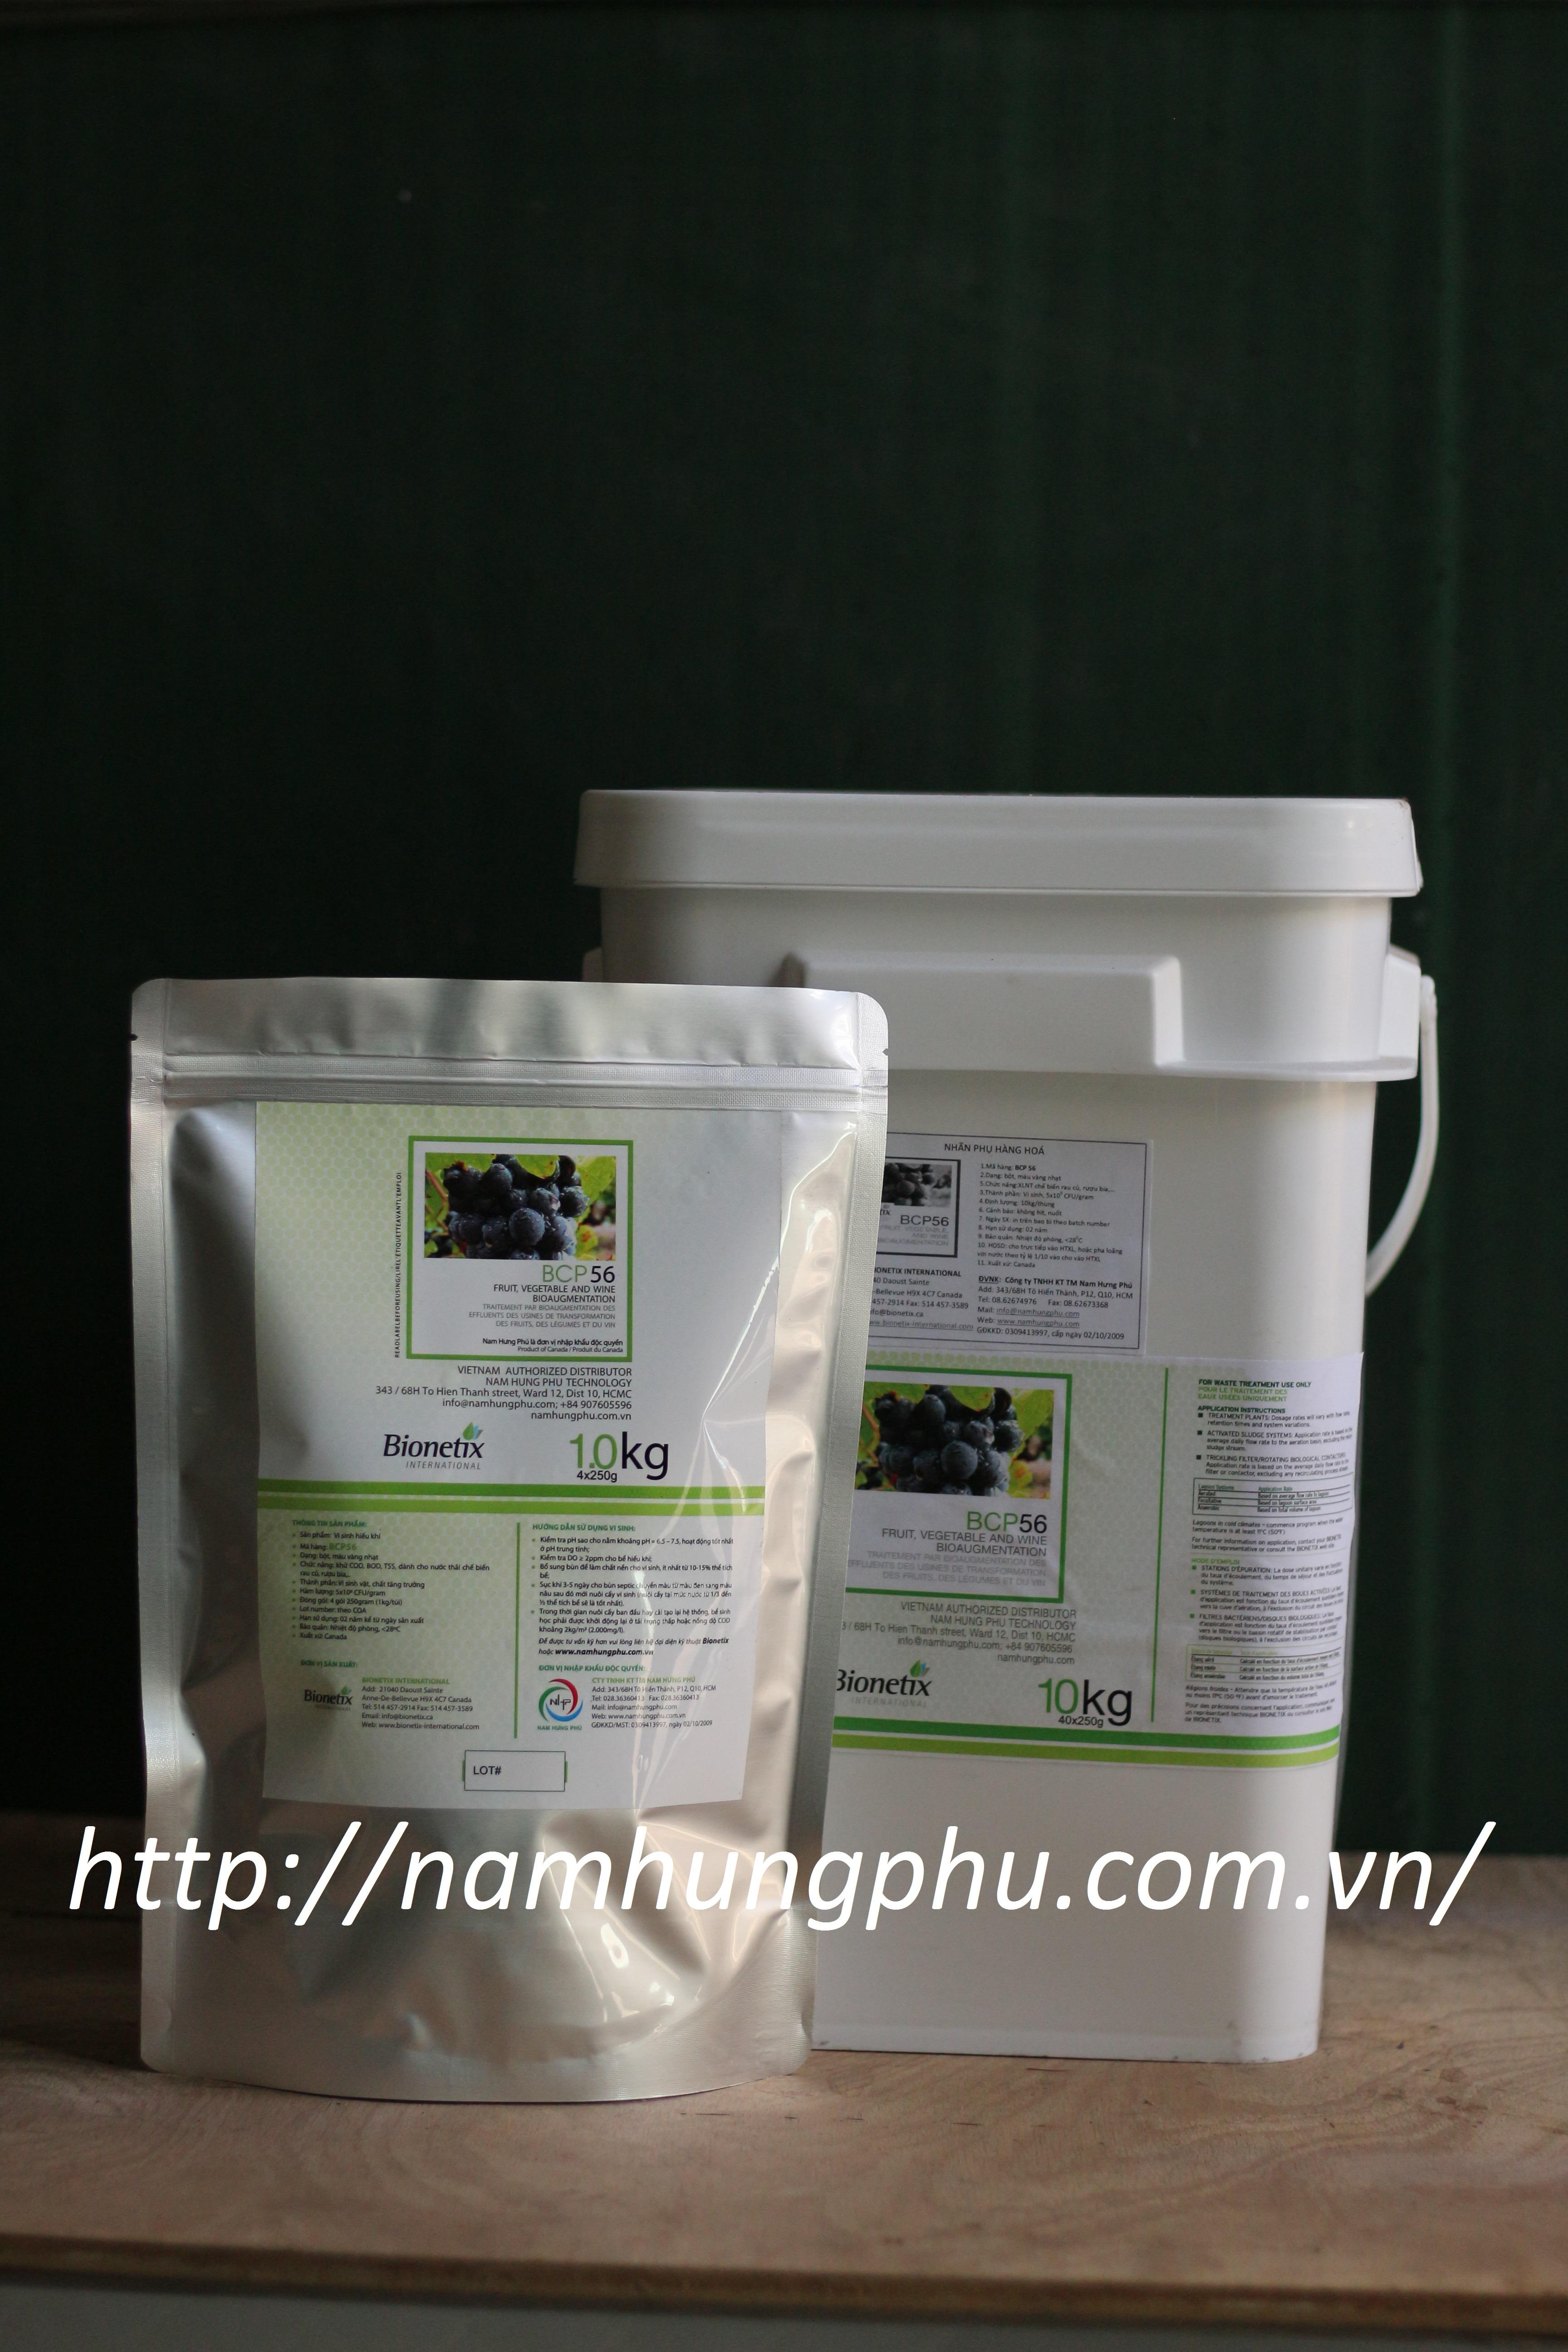 Men vi sinh xử lý nước thải sản xuất rượu, bia, thực phẩm BCP56 (Bionetix)